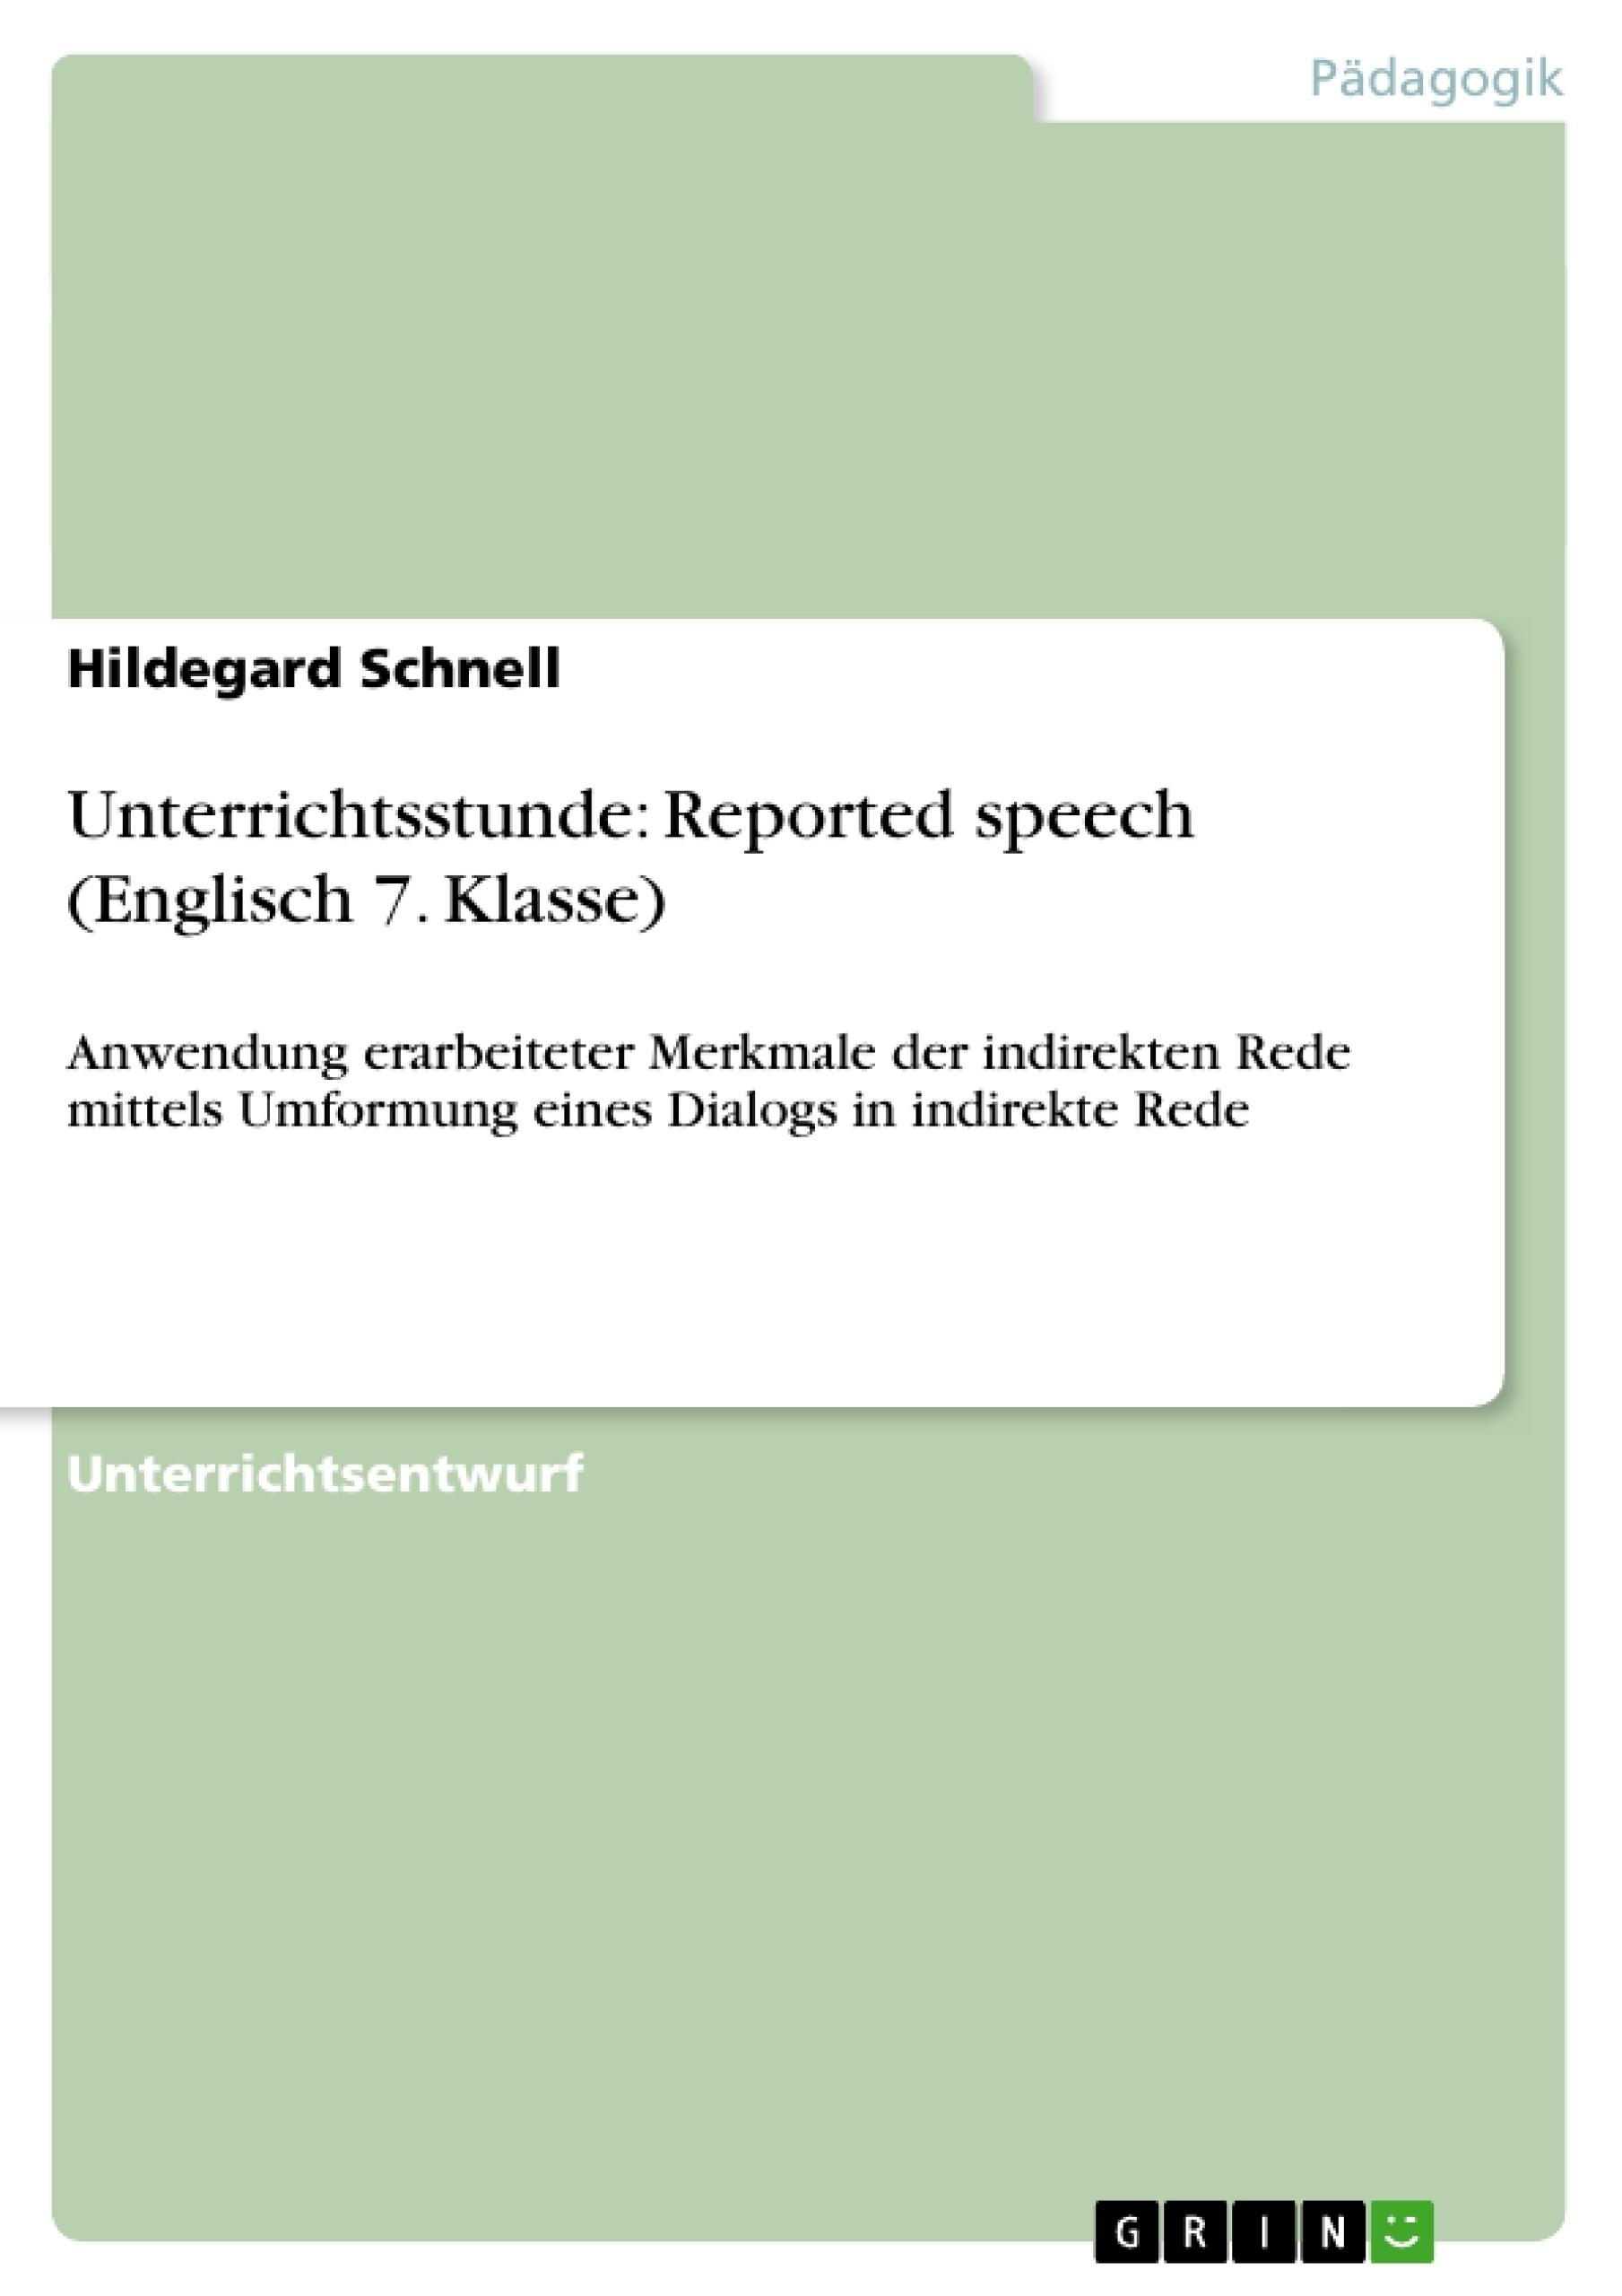 Titel: Unterrichtsstunde: Reported speech (Englisch 7. Klasse)